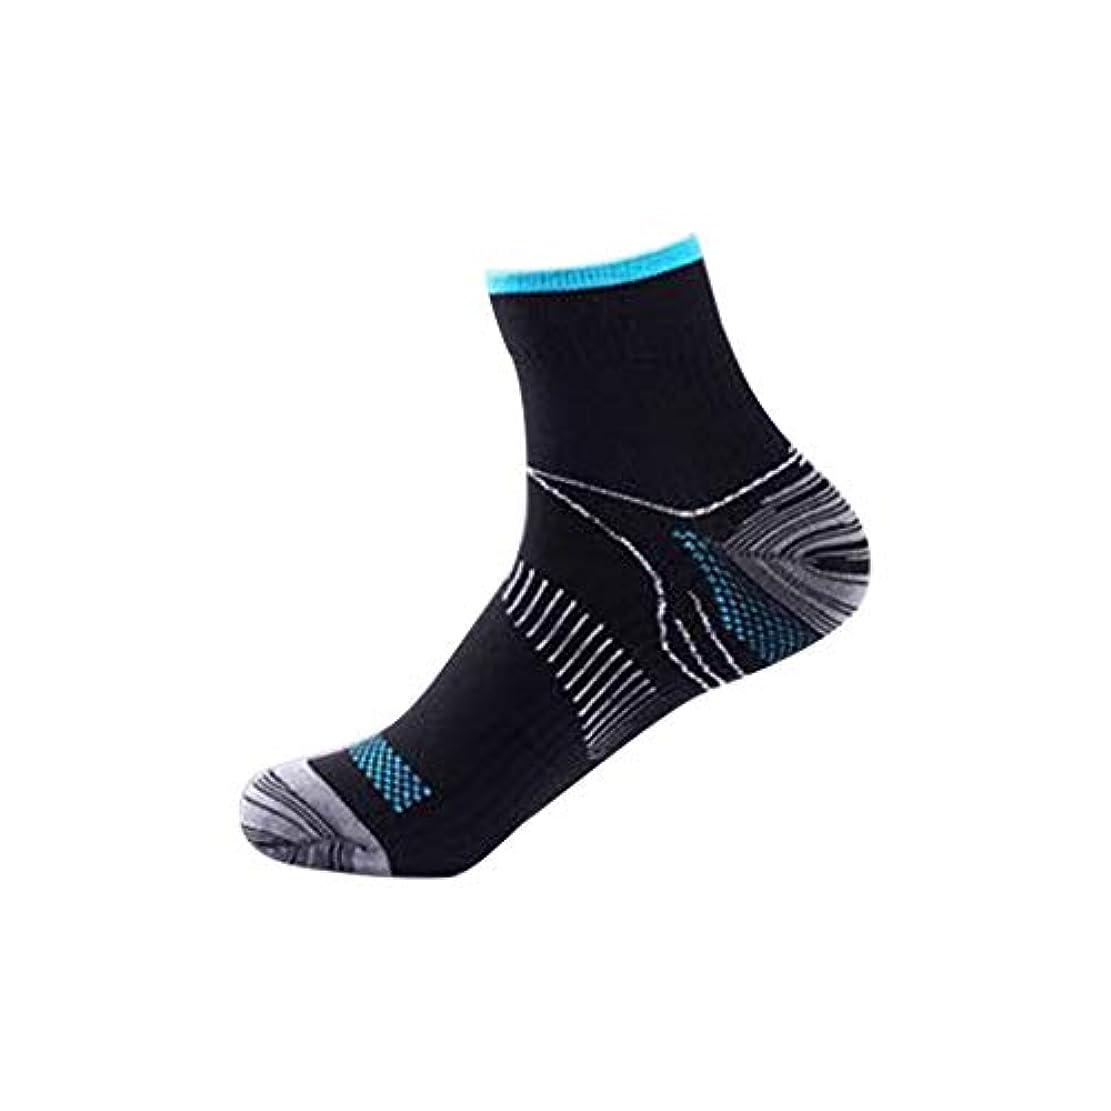 ギャラリーを通して昆虫快適な男性の女性の膝の靴下のサポートストレッチ通気性の靴下の下の短いストレッチ圧縮の靴下